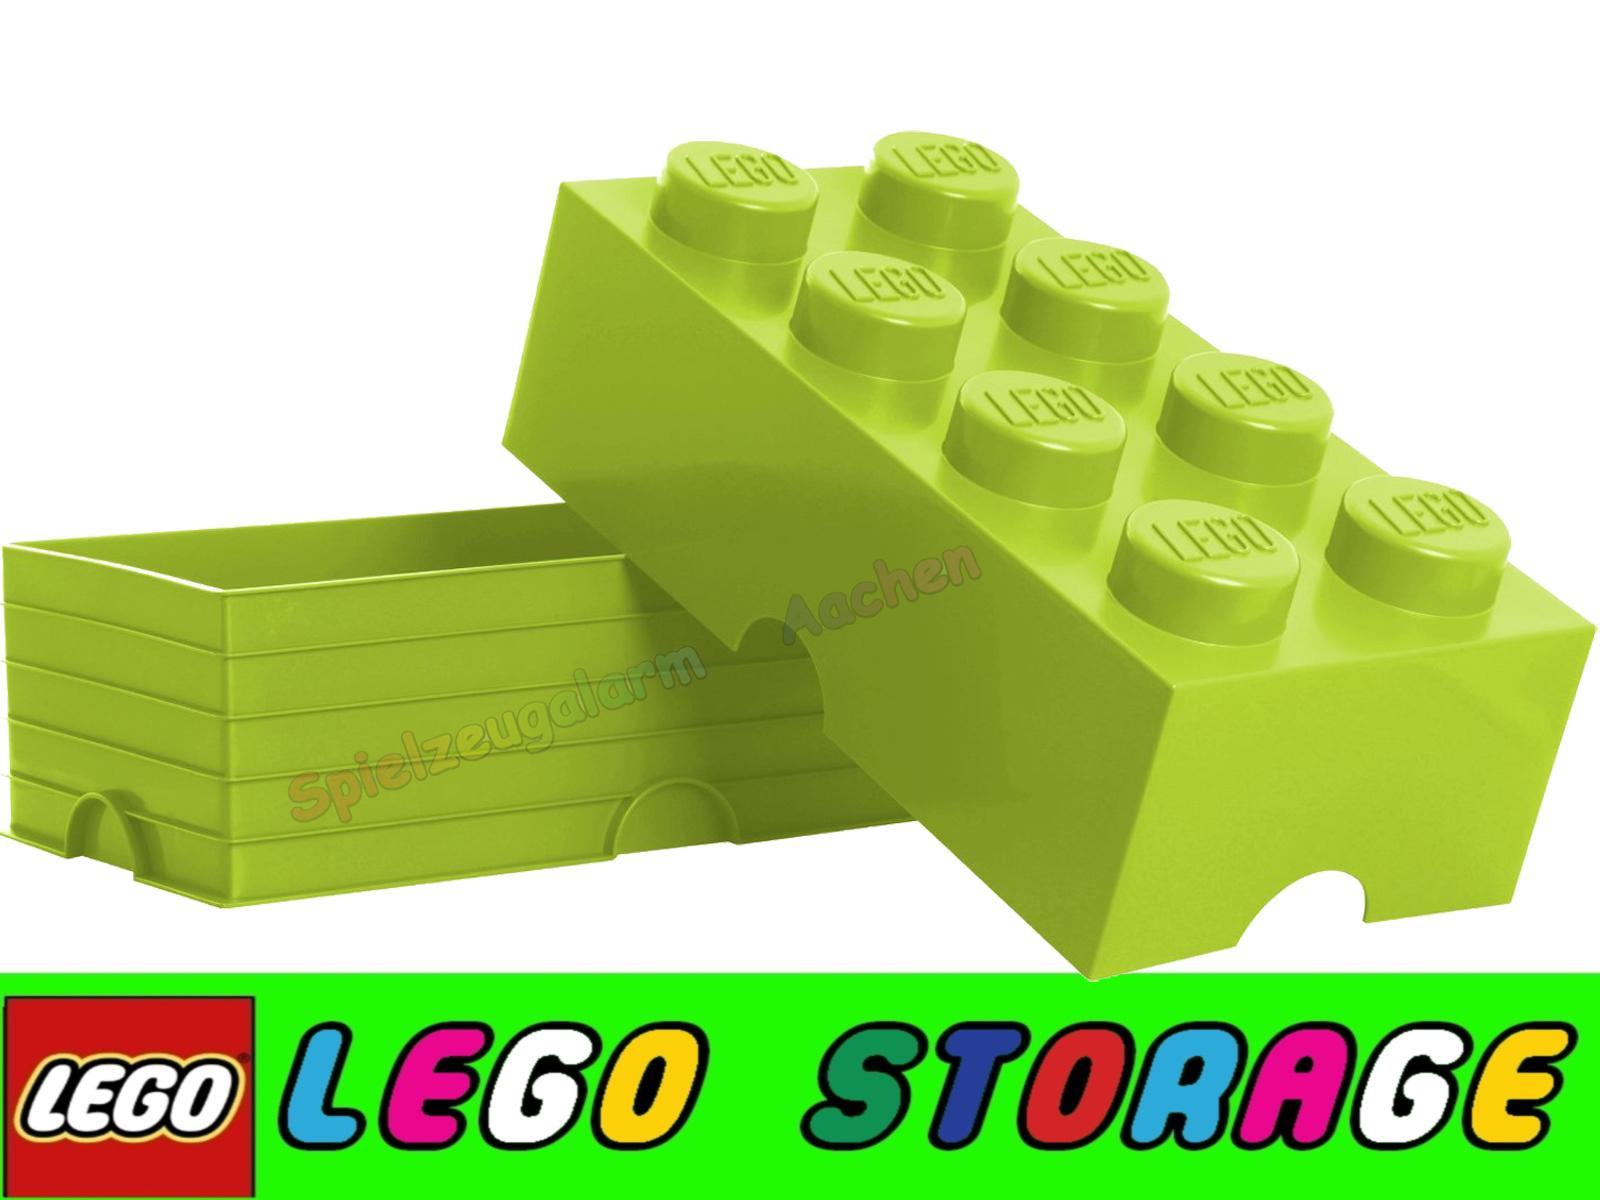 lego storage brick 8 hellgr n stein 2x4 aufbewahrung dose xxl box kiste light green spielzeugalarm. Black Bedroom Furniture Sets. Home Design Ideas